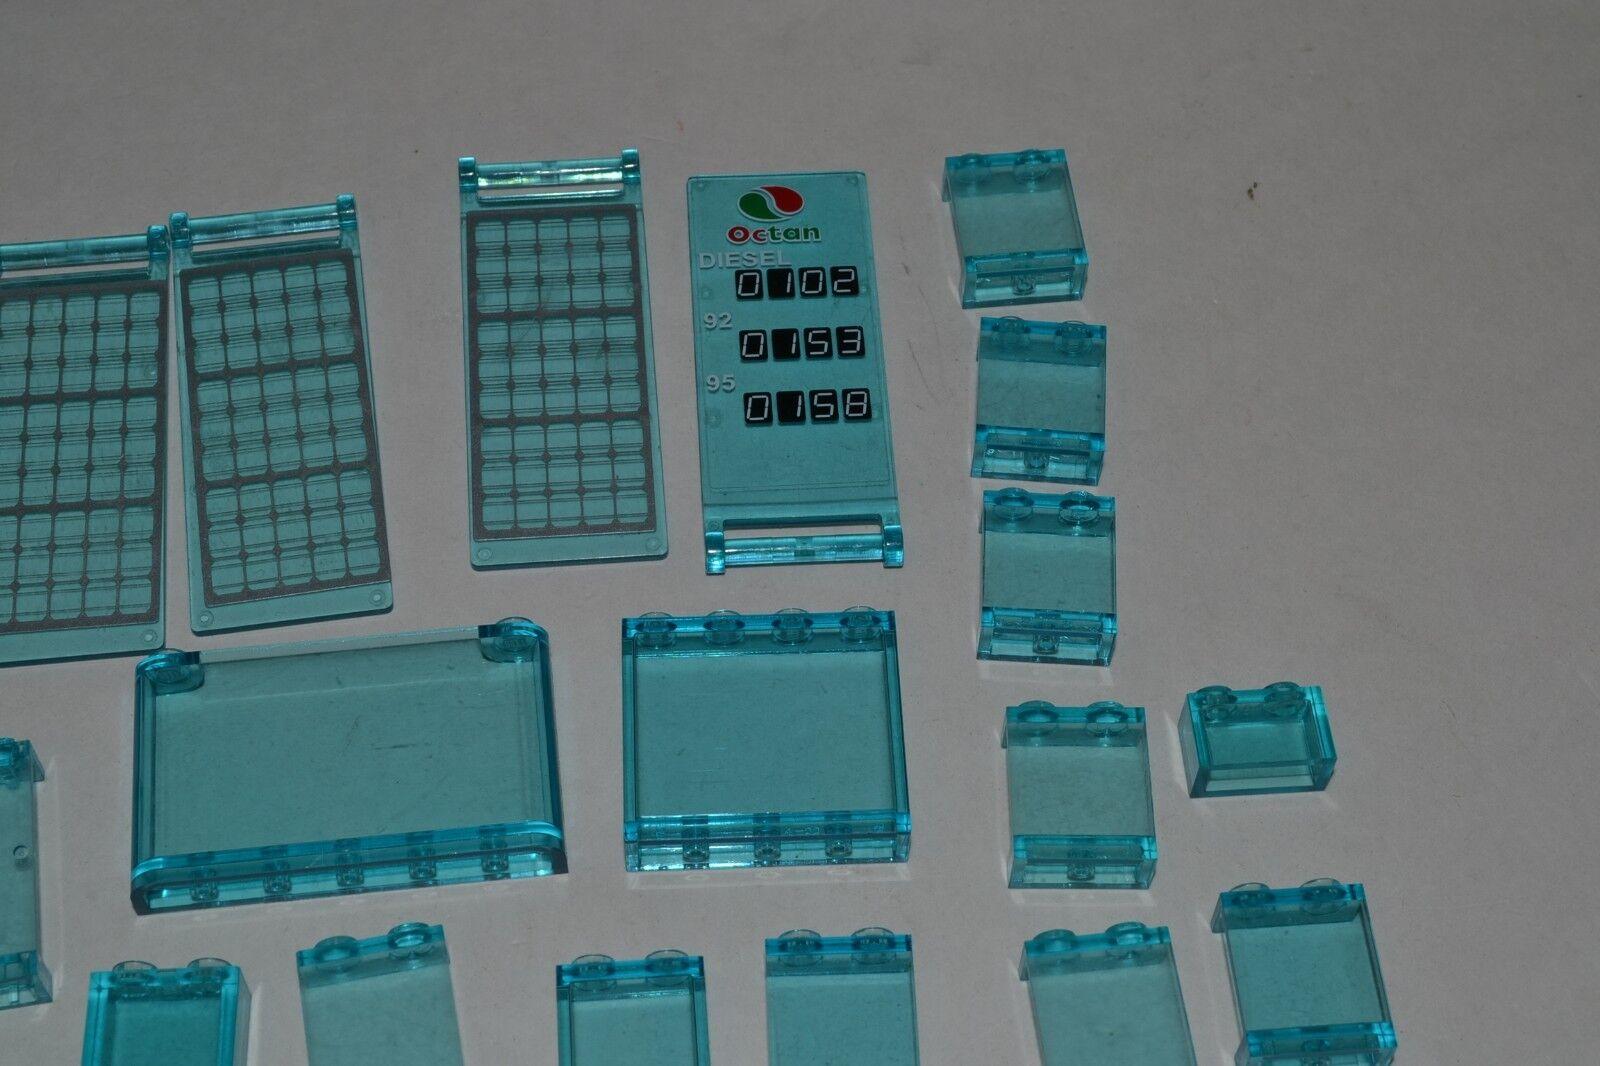 Lego Lot Walls of Transparent Trans-Blau Panels Walls Lot Parts Windows ADGP 2084f7